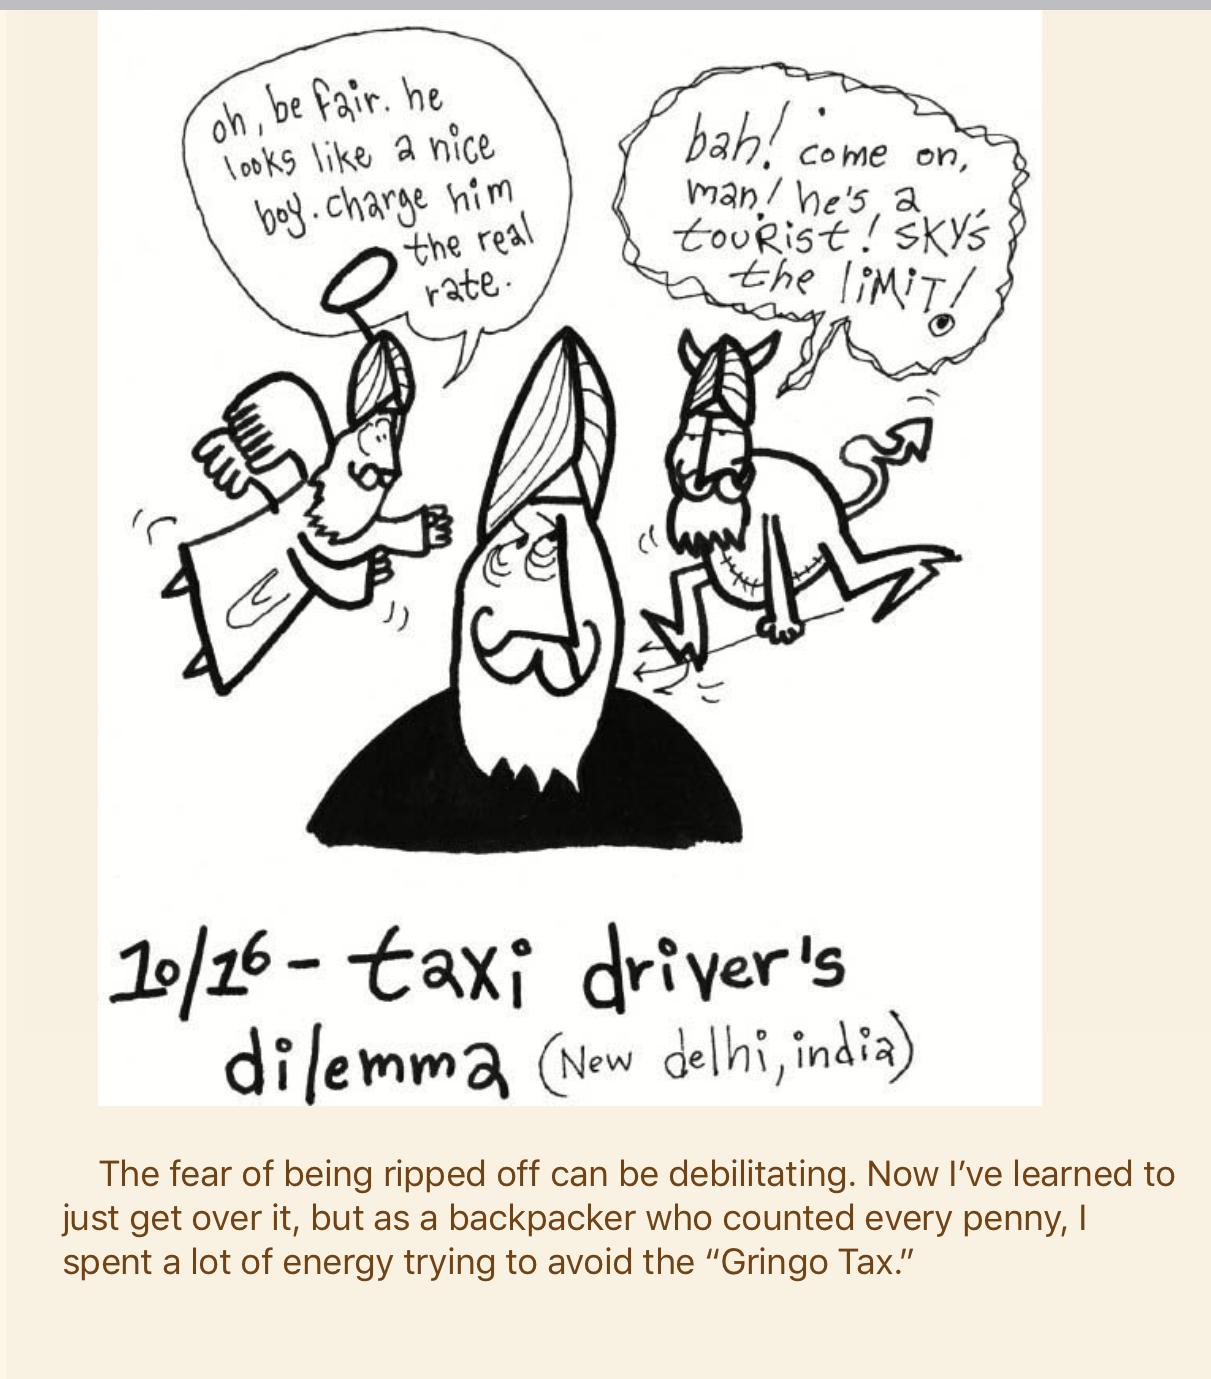 taxi dilemma